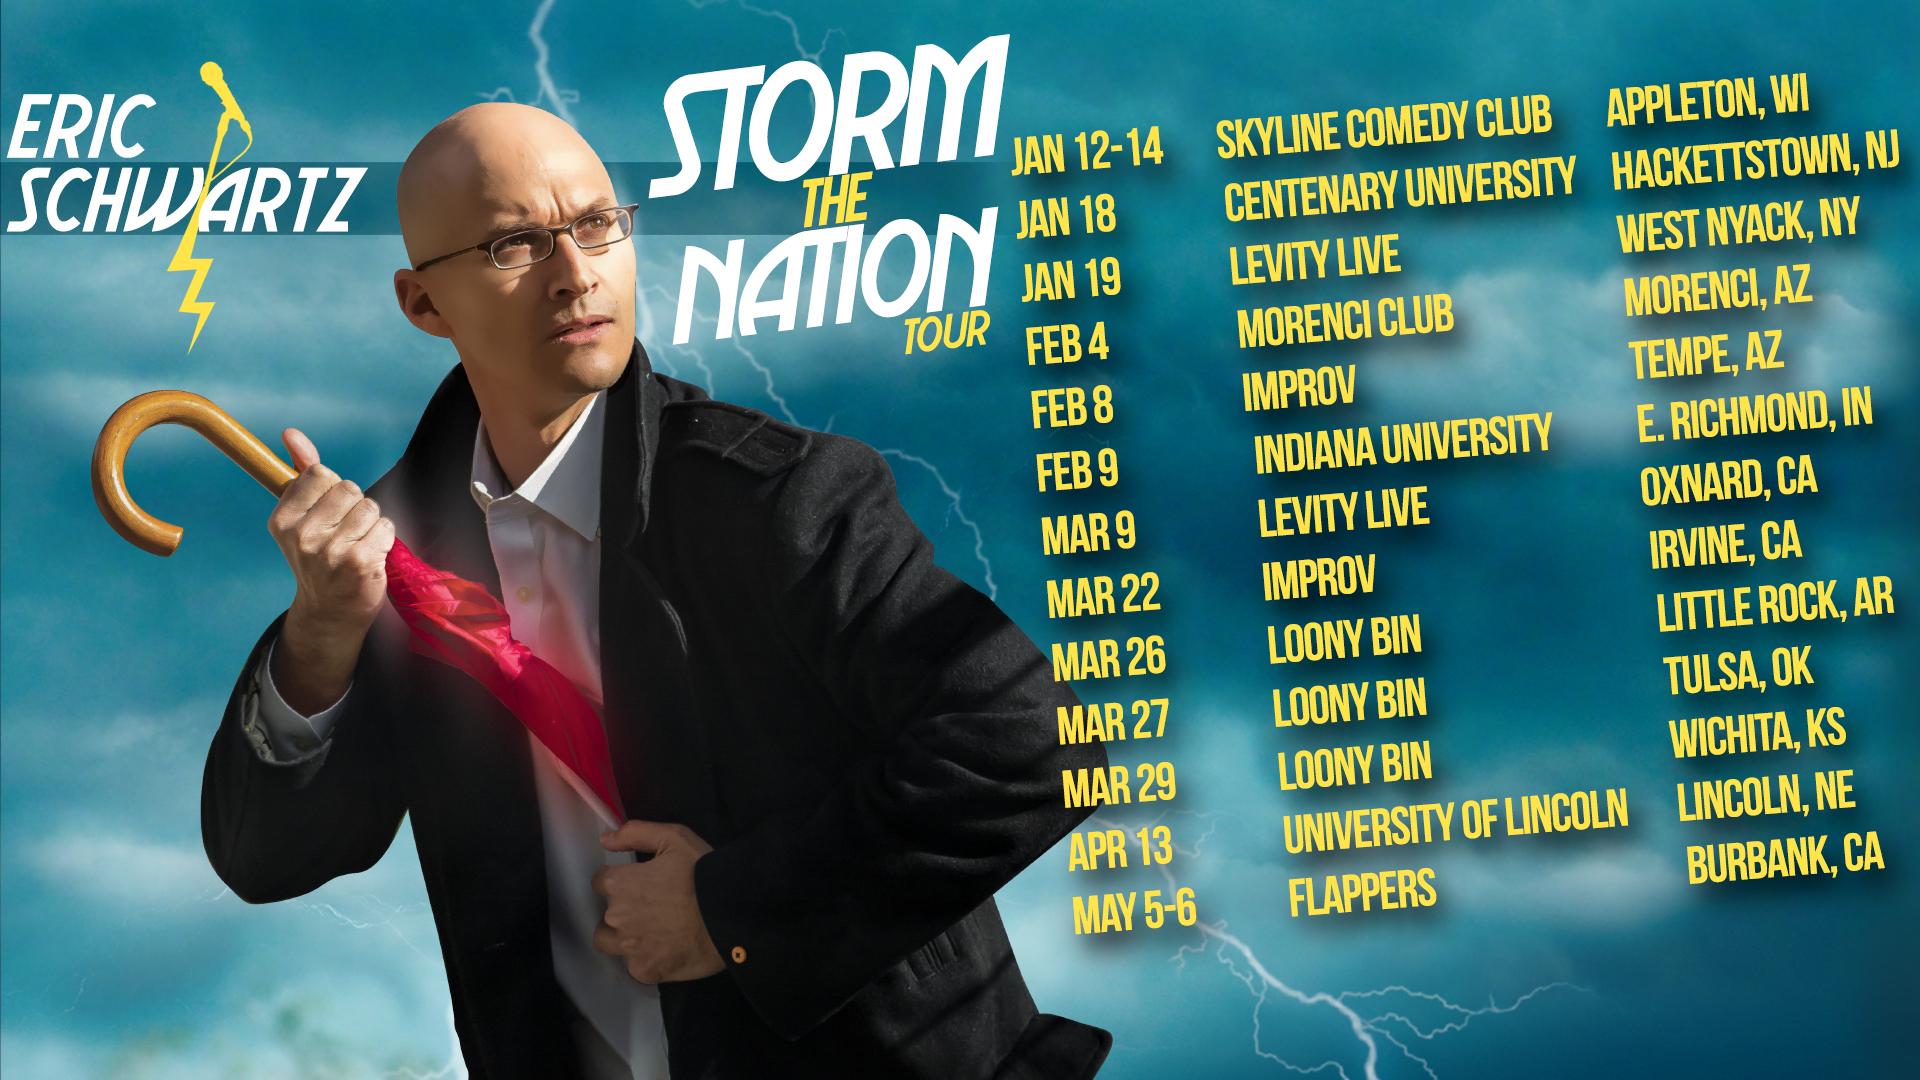 stormthenationfbbanner2